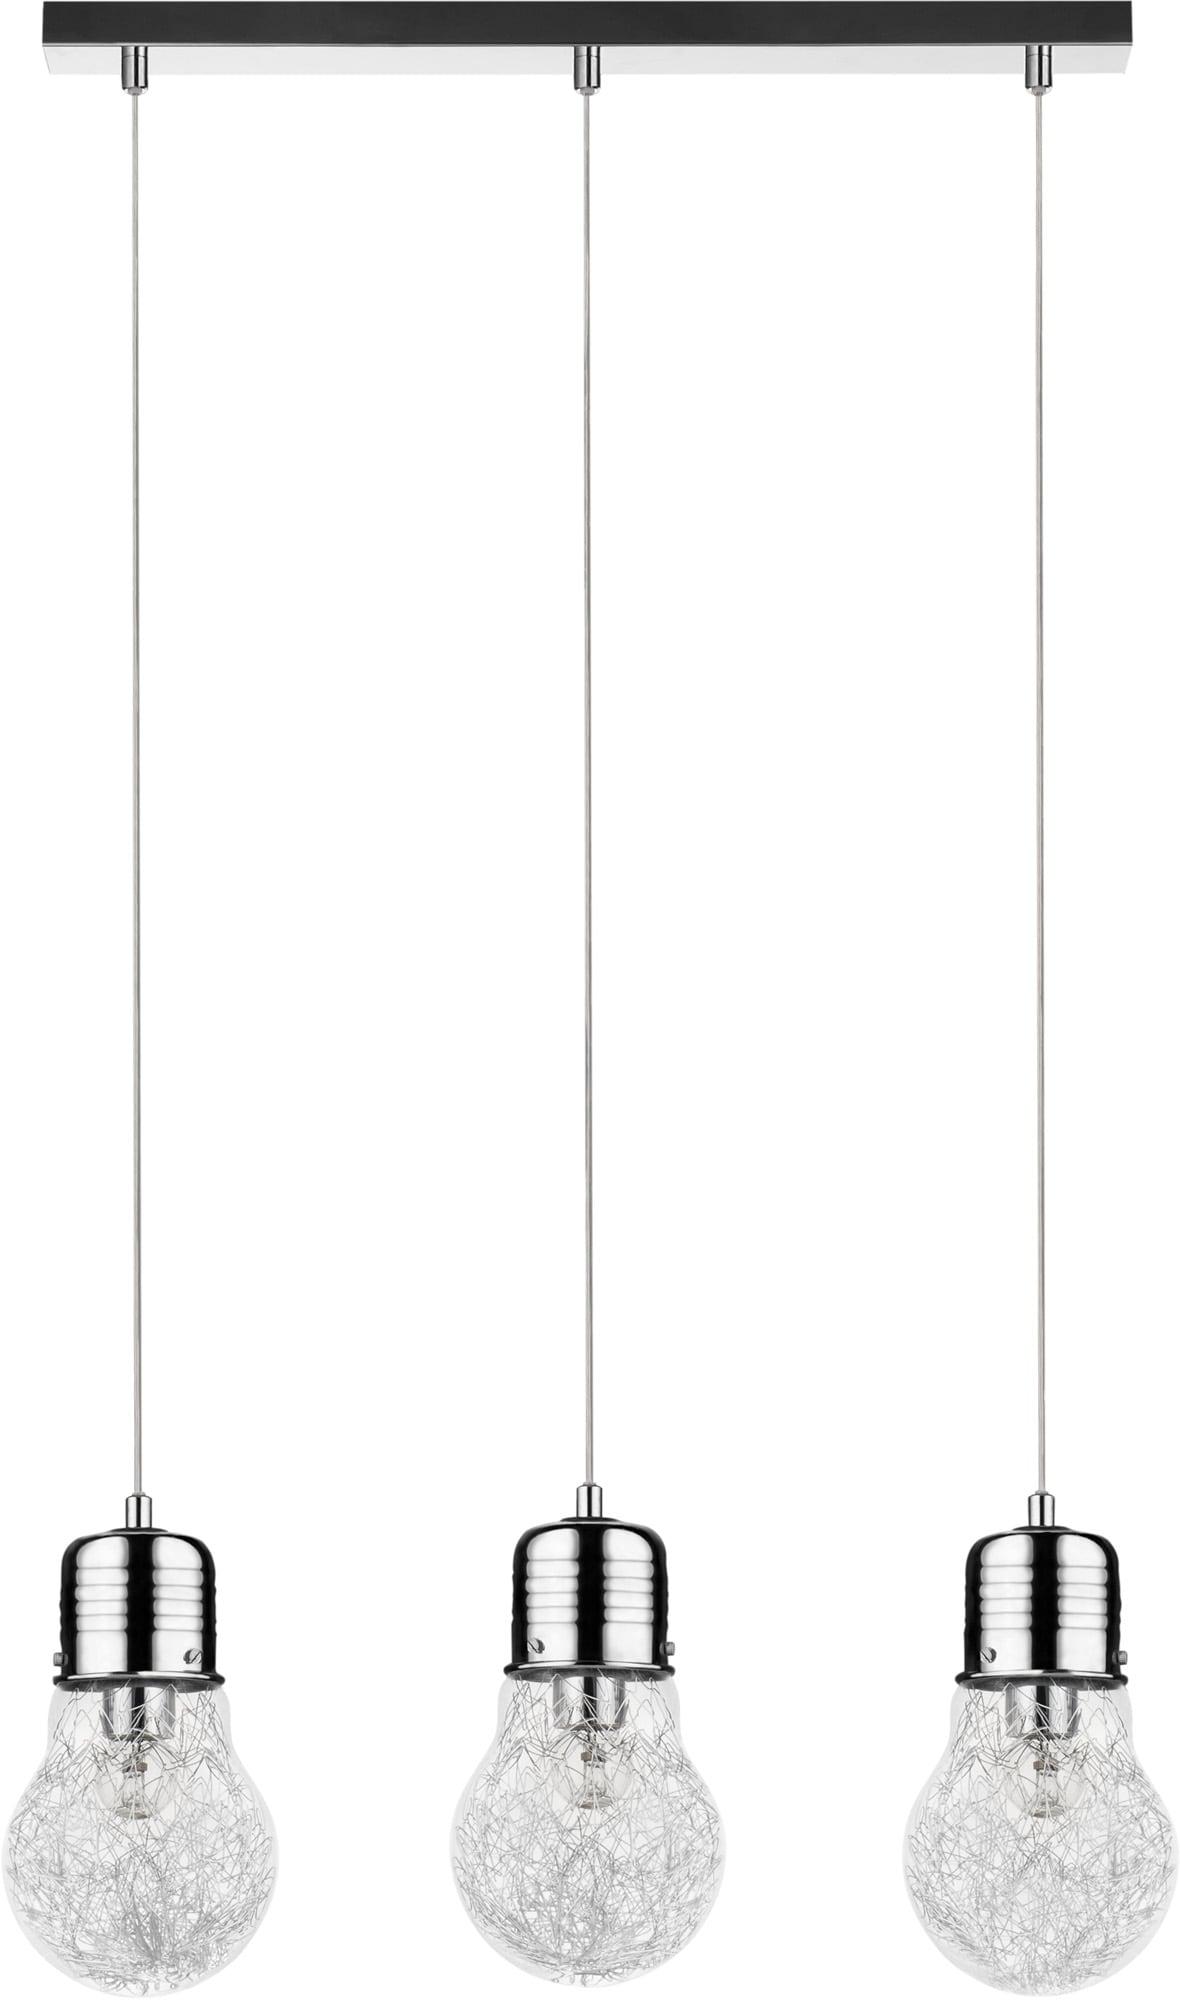 Lampa wisząca potrójna Bulb chrom E27 60W